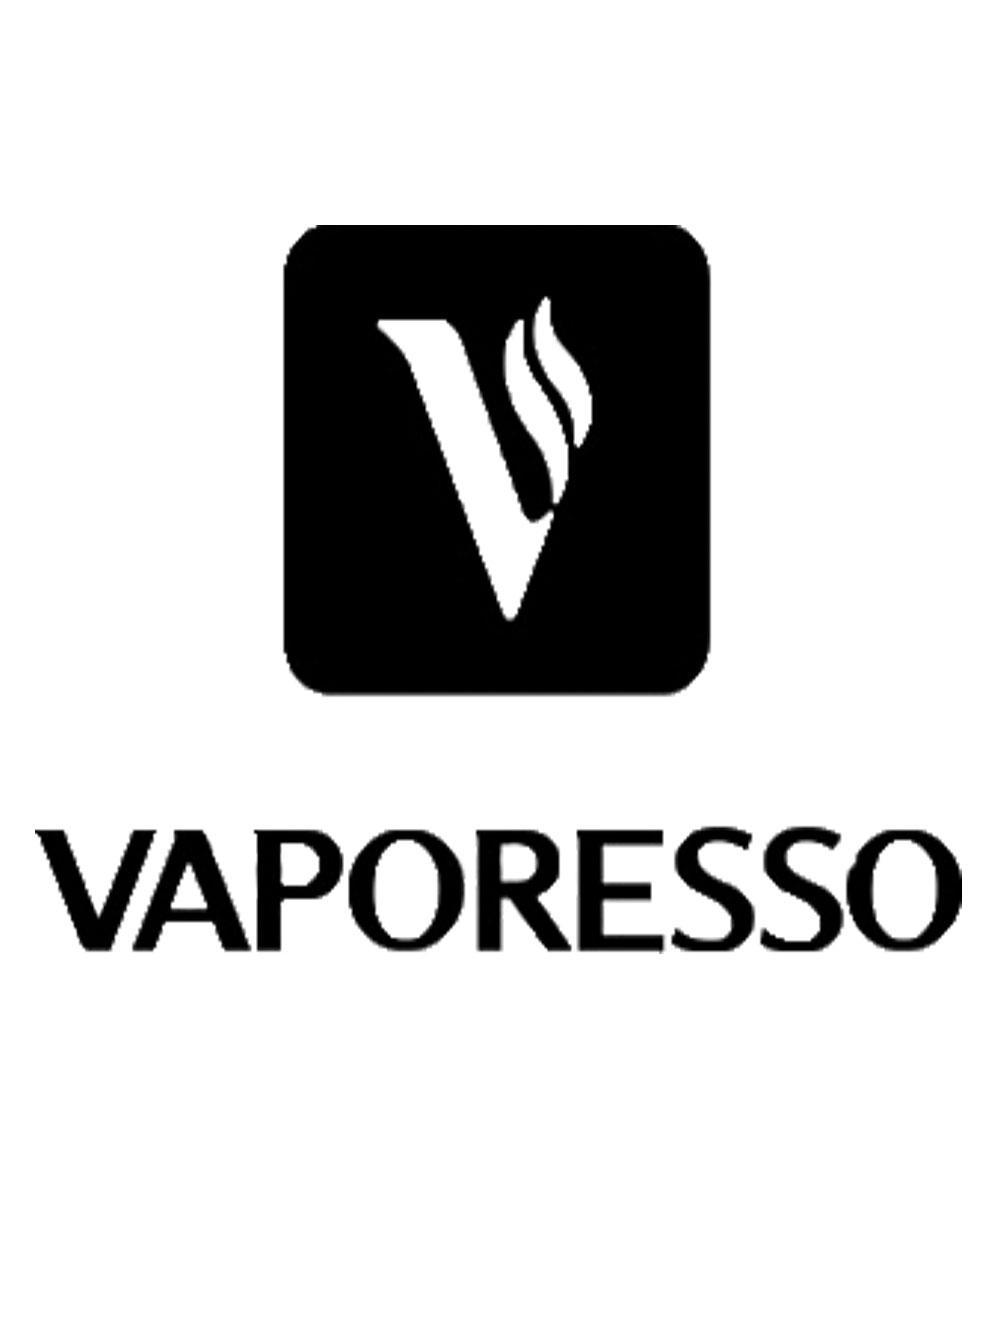 Vaporesso (2)